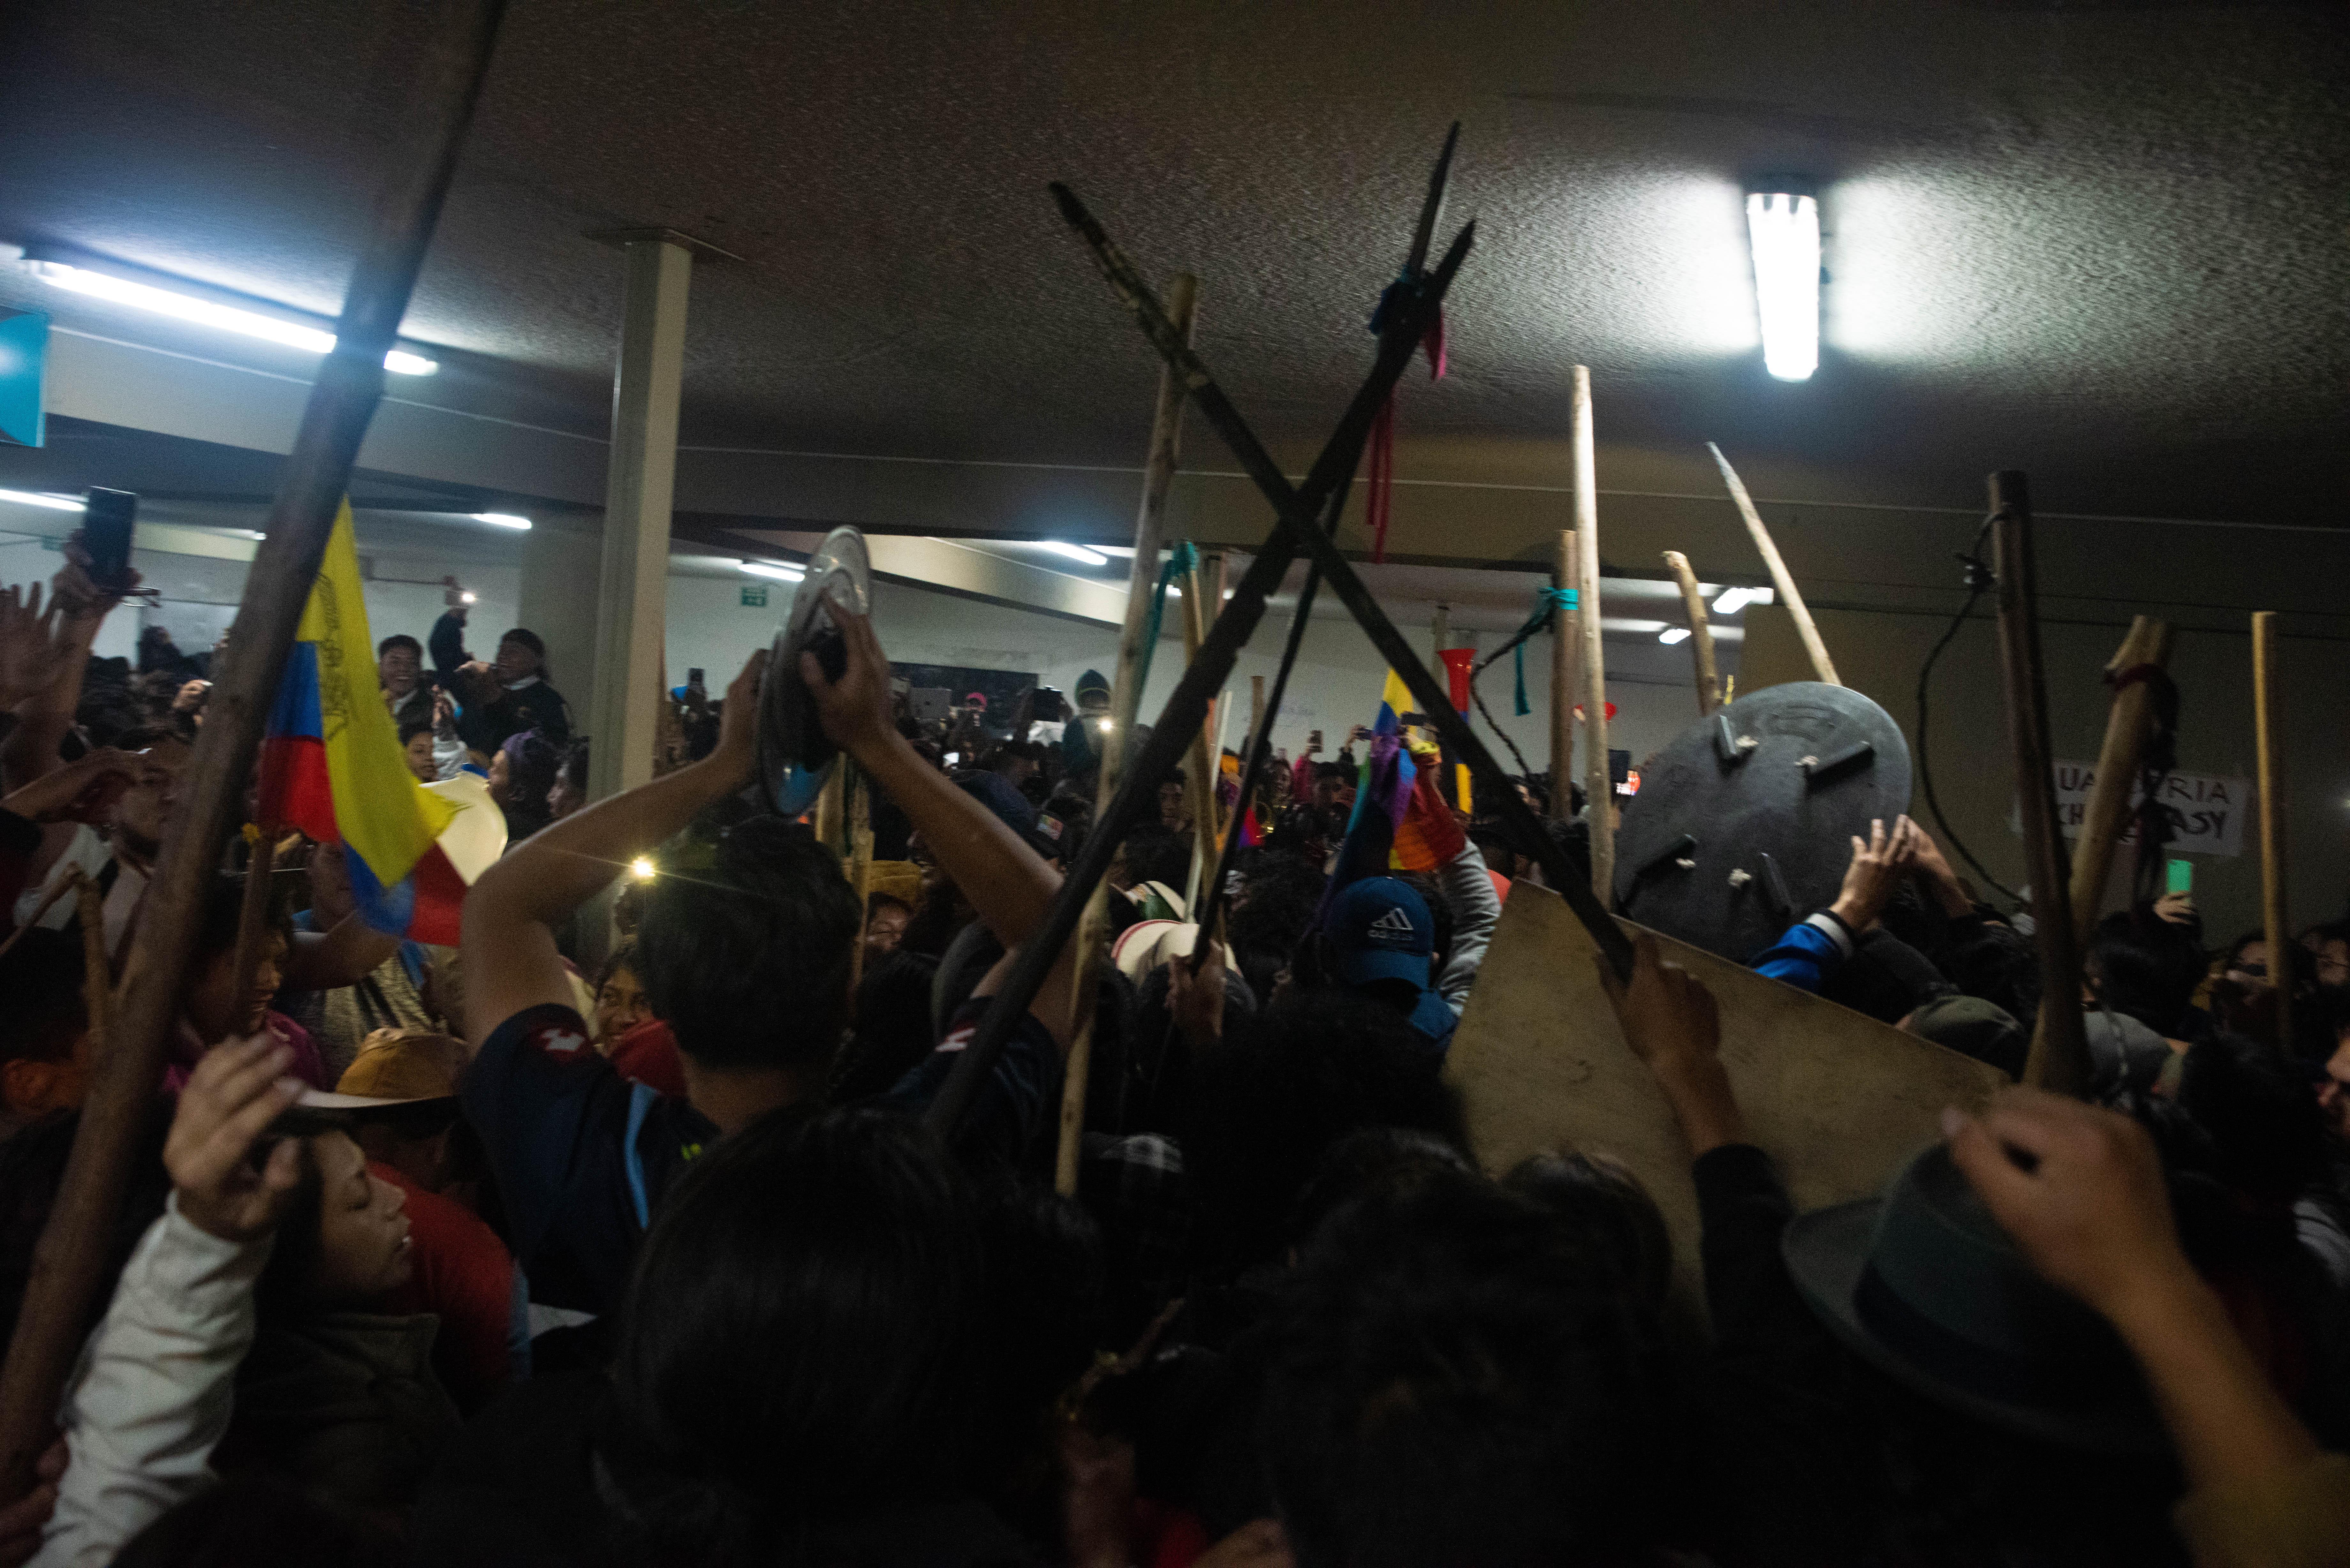 Los manifestantes de Coniea festejan el acuerdo con el presidente Lenín Moreno para que esté derogara el decreto 883 que eliminaba los subsidios a todos los combustibles.